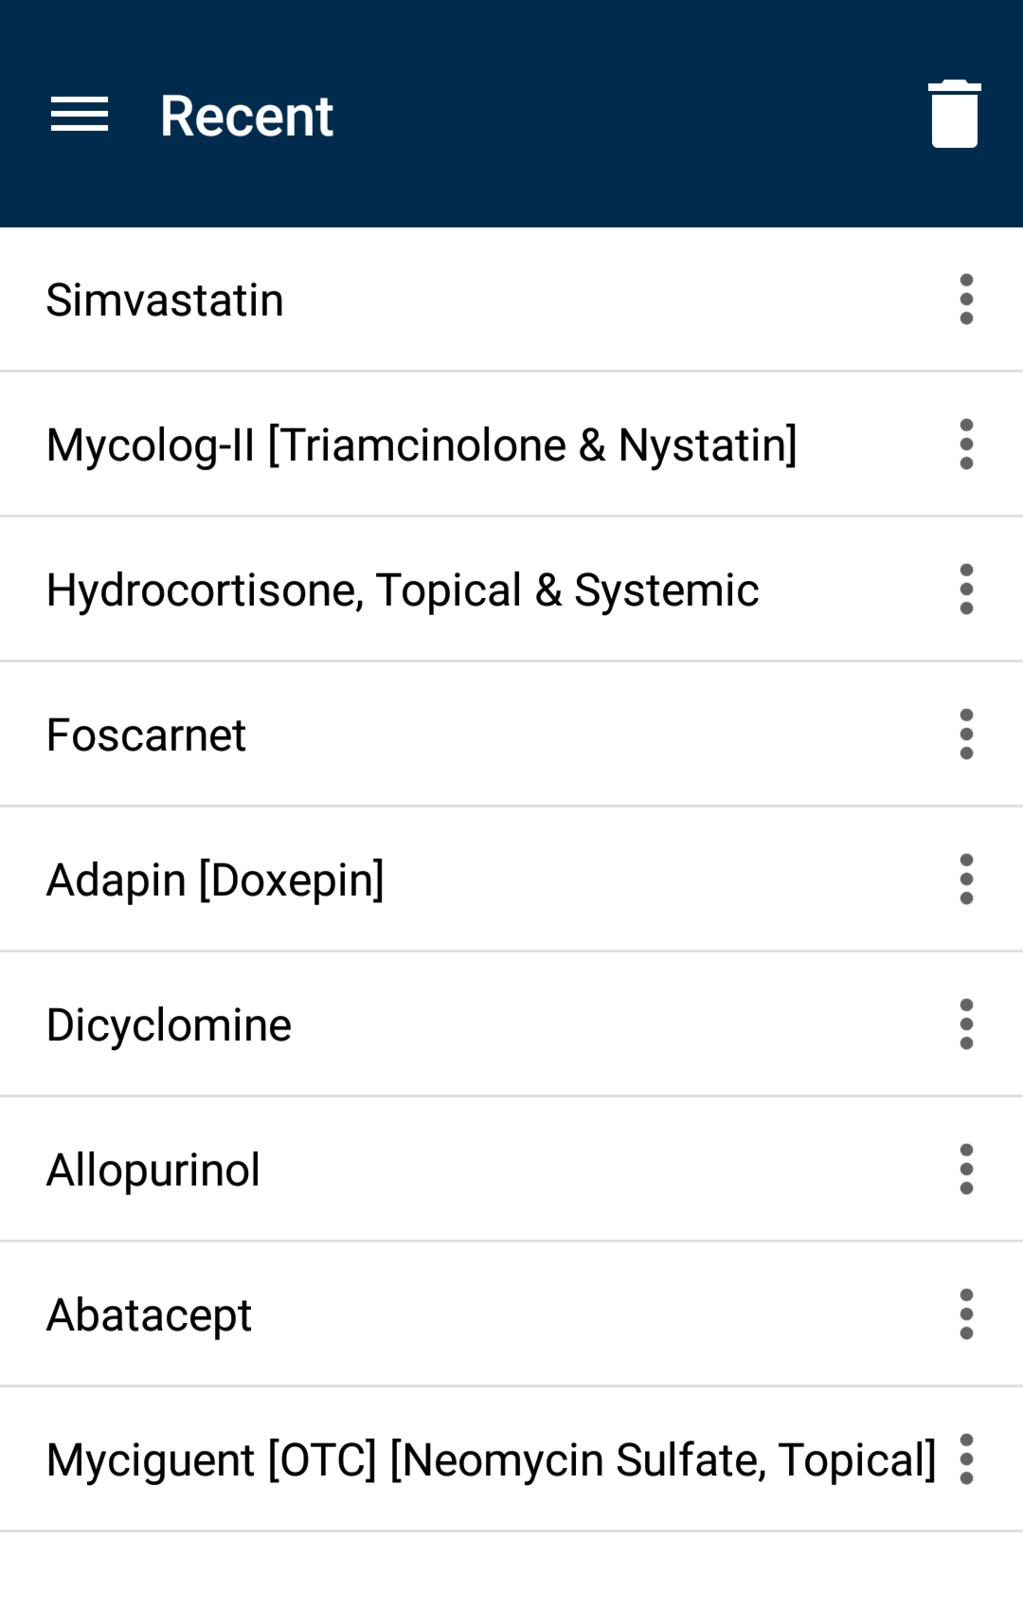 EMS Pocket Drug Guide Screenshot 15